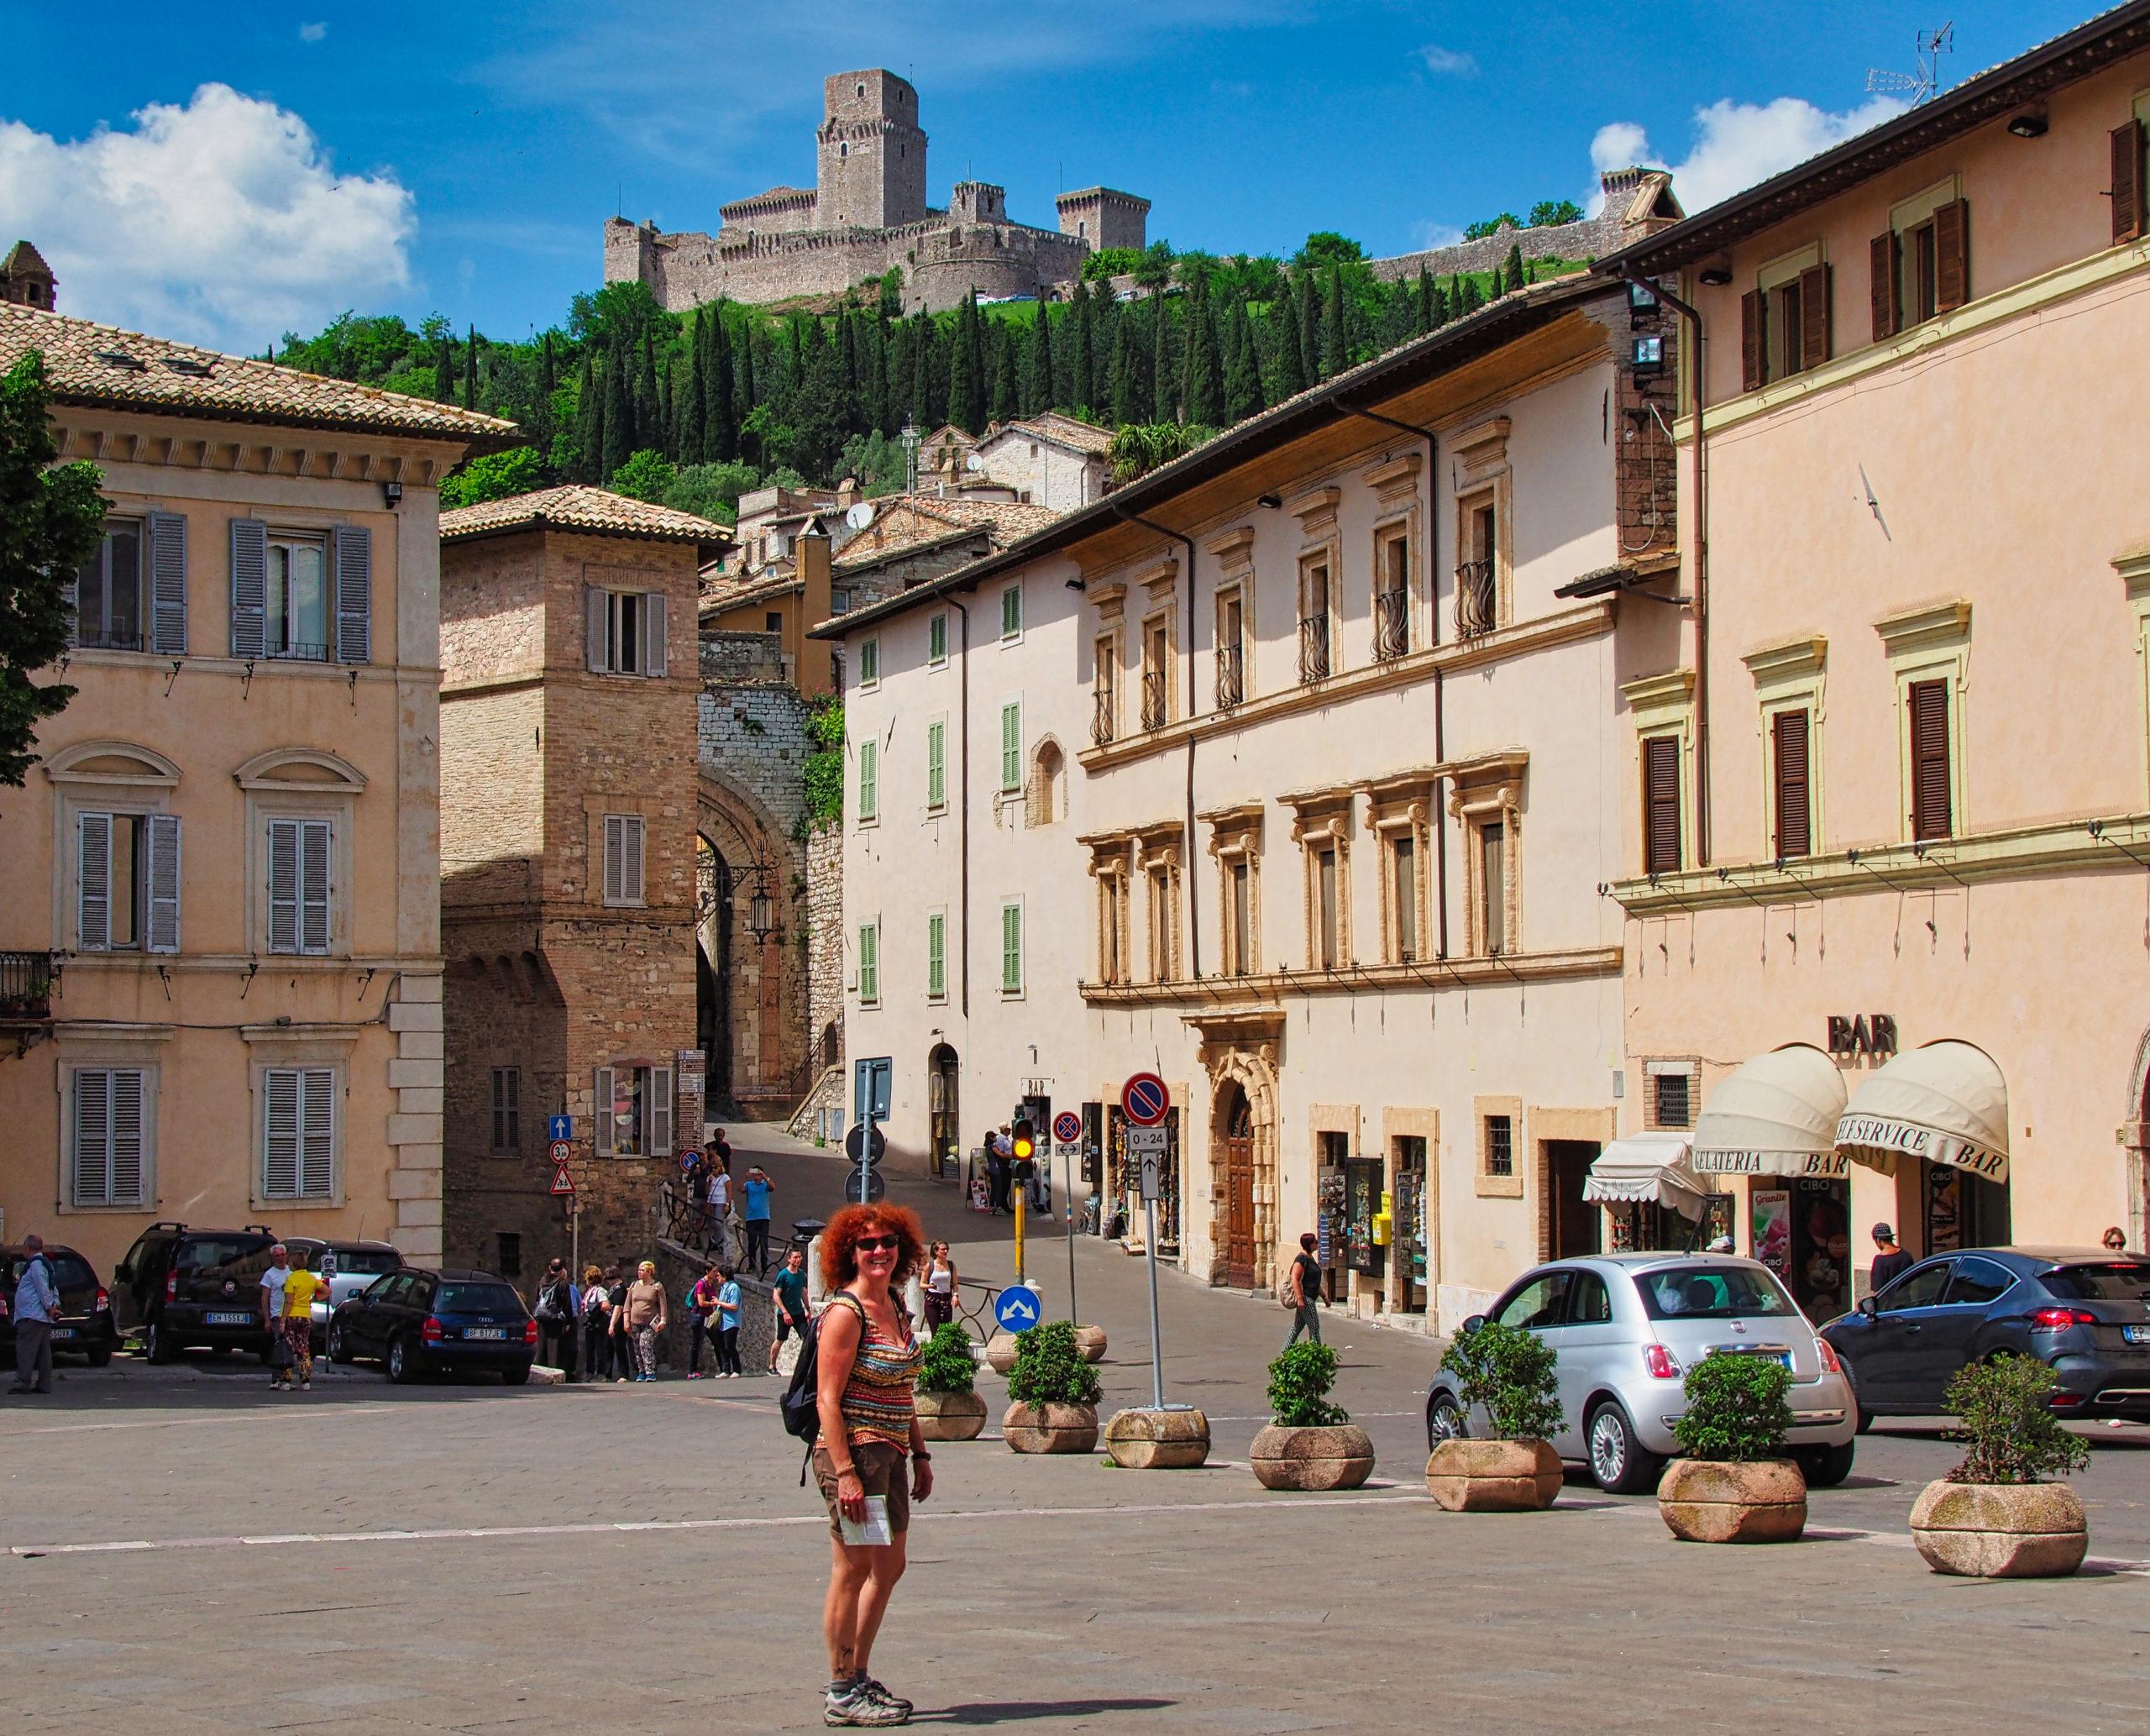 Blick auf das Castel Rocca Maggiore vom Platz der Basilika Santa Chiara